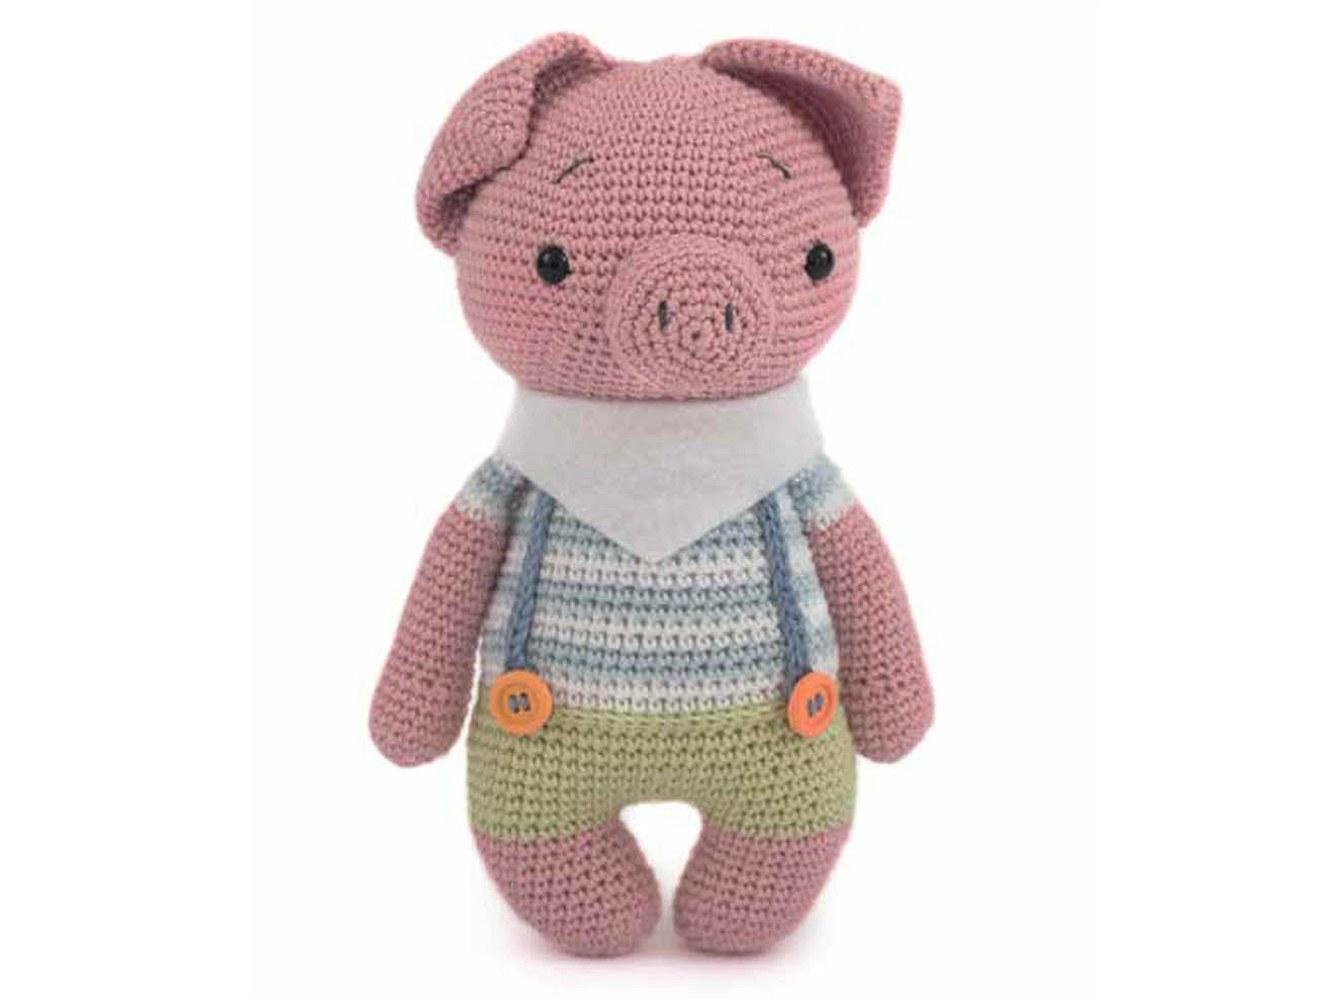 Dieses Schweinchen würde ganz sicher gerne bei Ihnen einziehen!